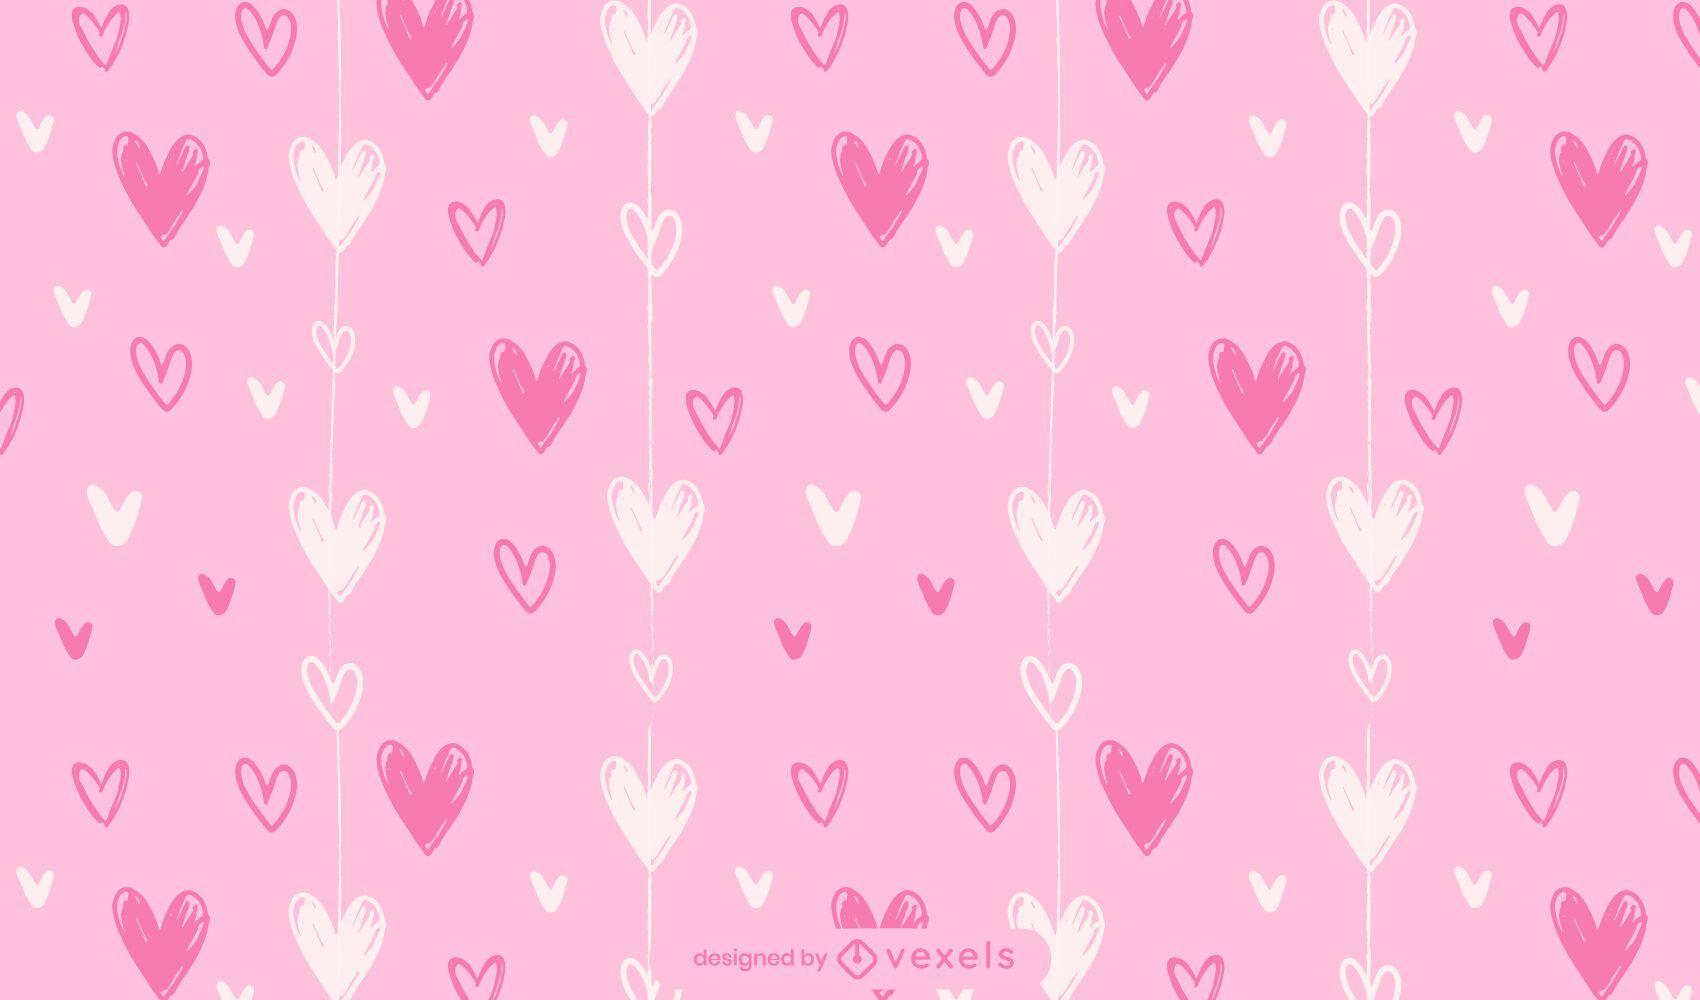 Dise?o de patr?n de corazones de San Valent?n